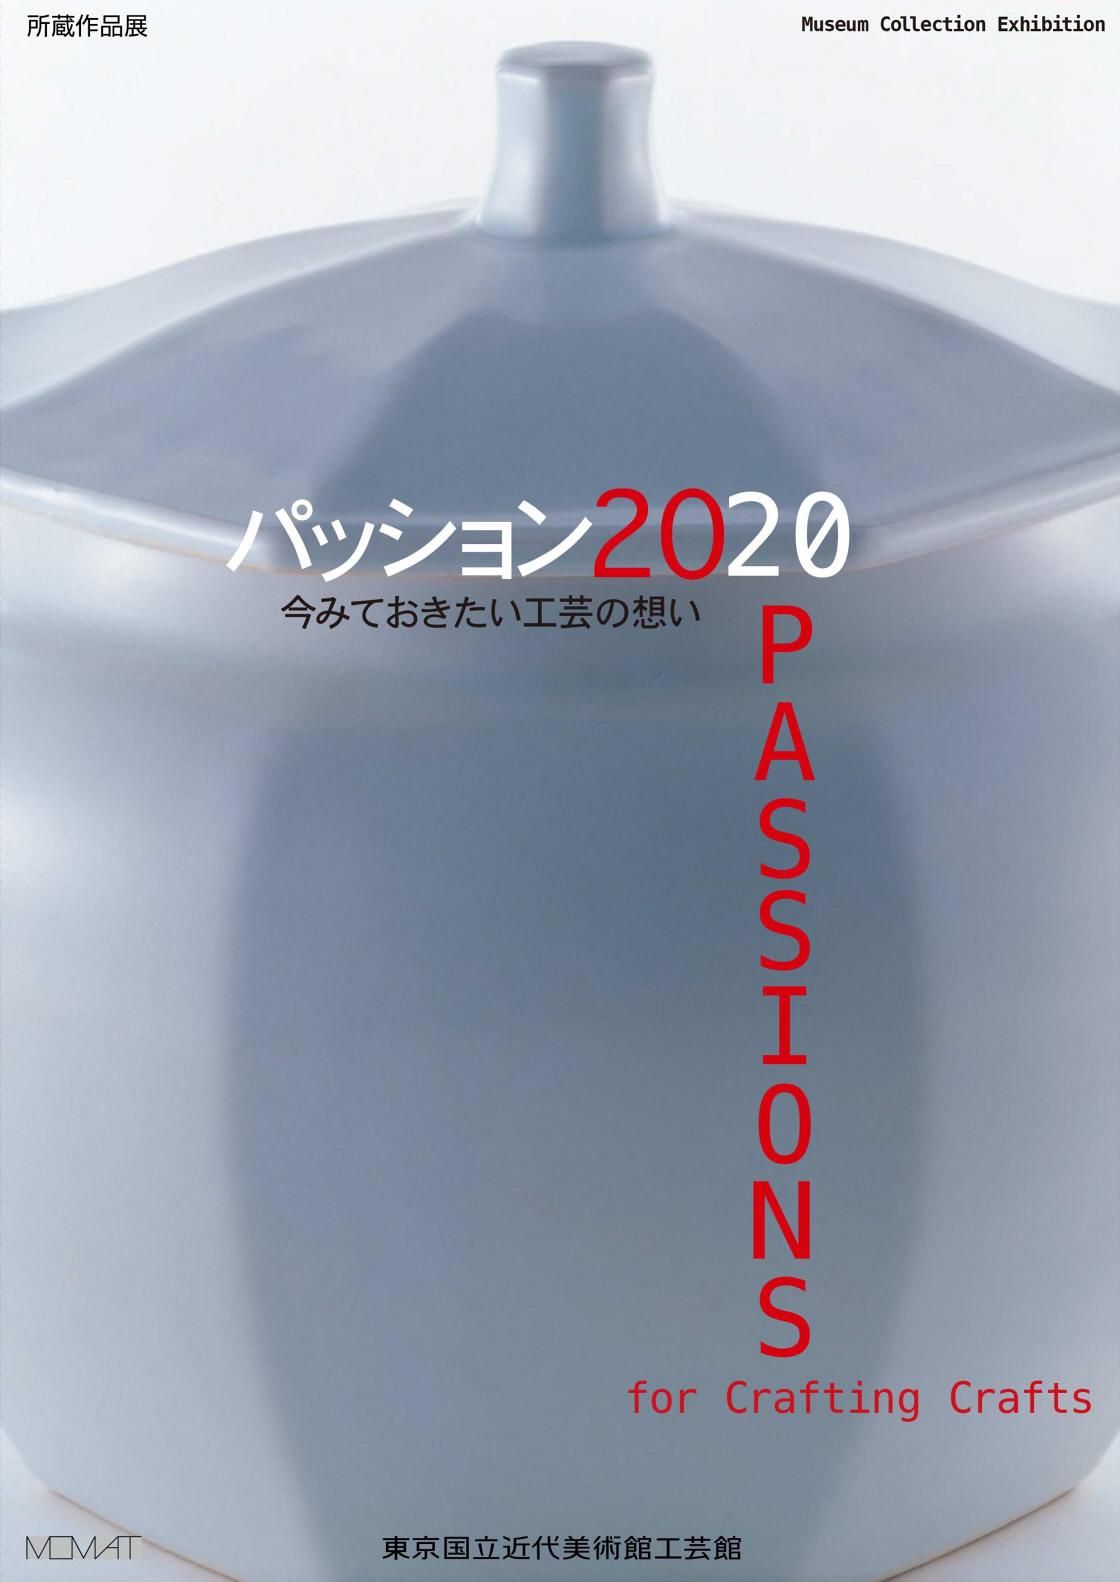 所蔵作品展 パッション20 今みておきたい工芸の想い